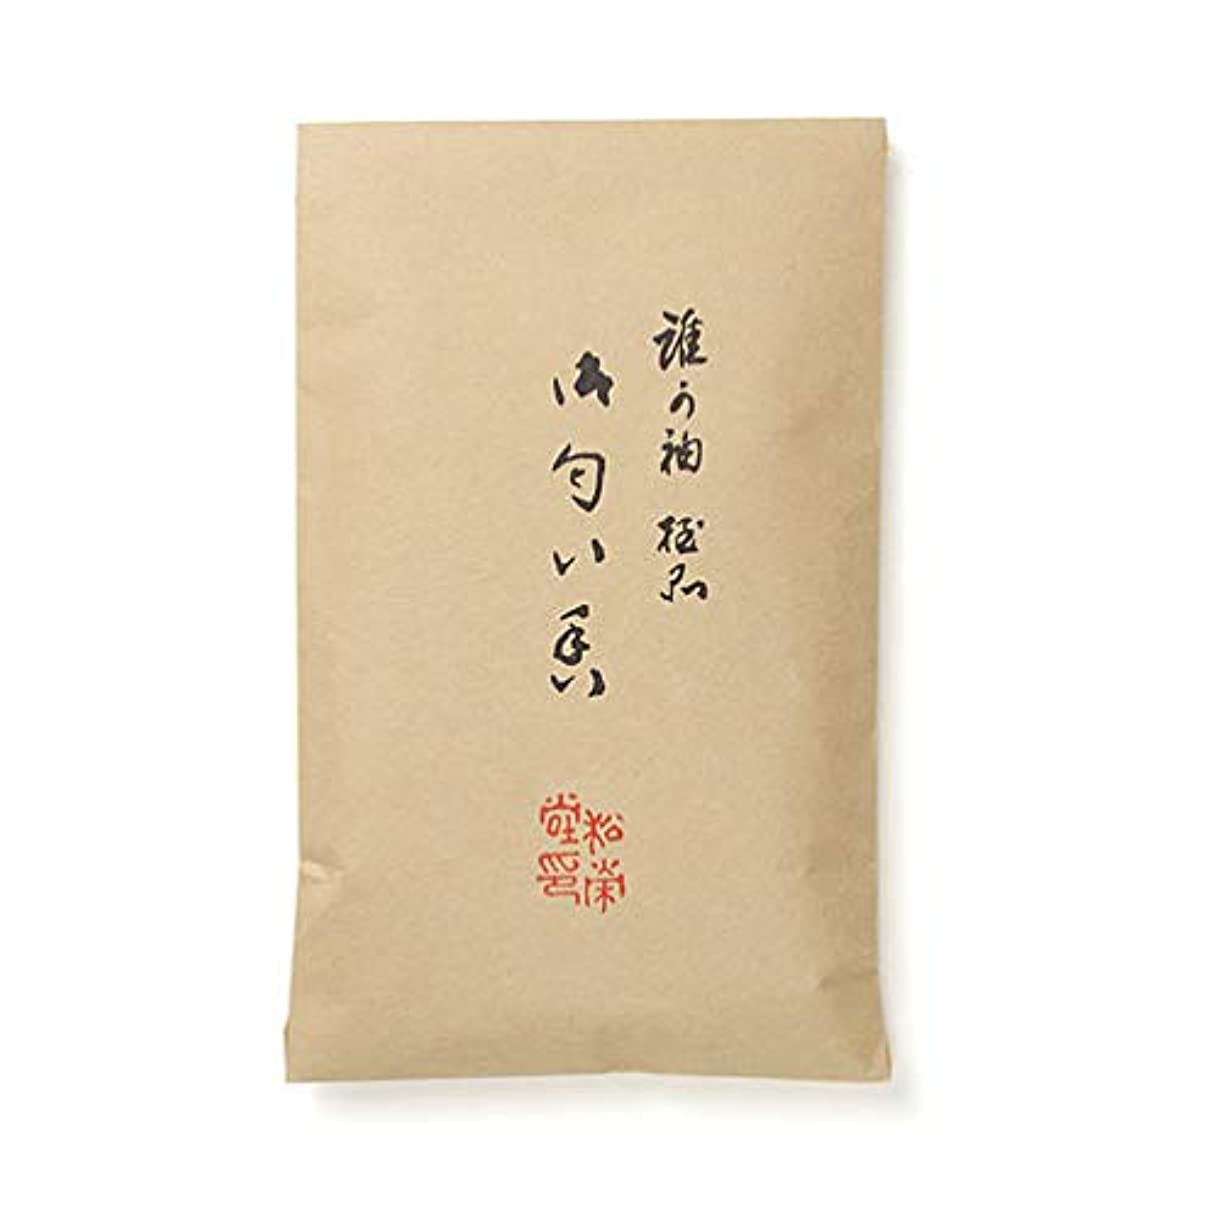 極貧ミッションクレタ松栄堂 誰が袖 極品 匂い香 50g袋入